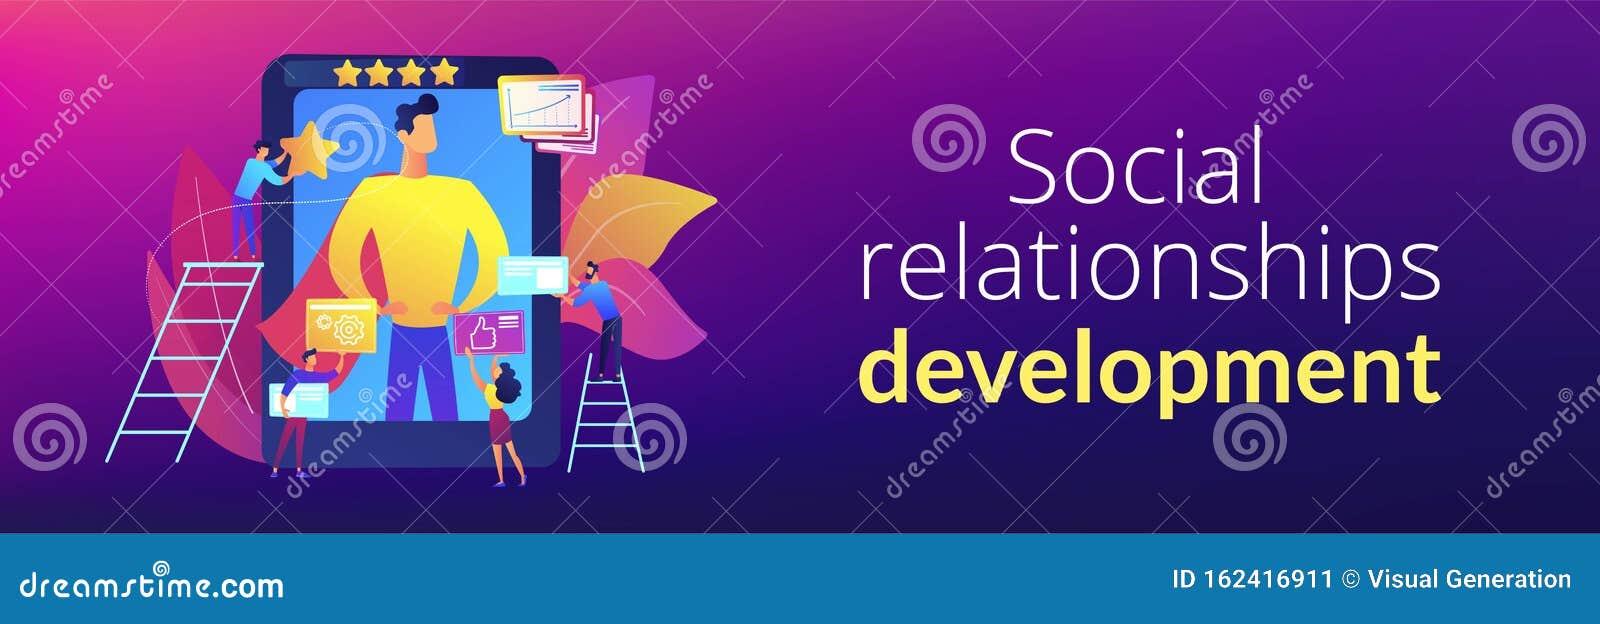 Impression Management Concept Banner Header Stock Vector Illustration Of Leader Media 162416911